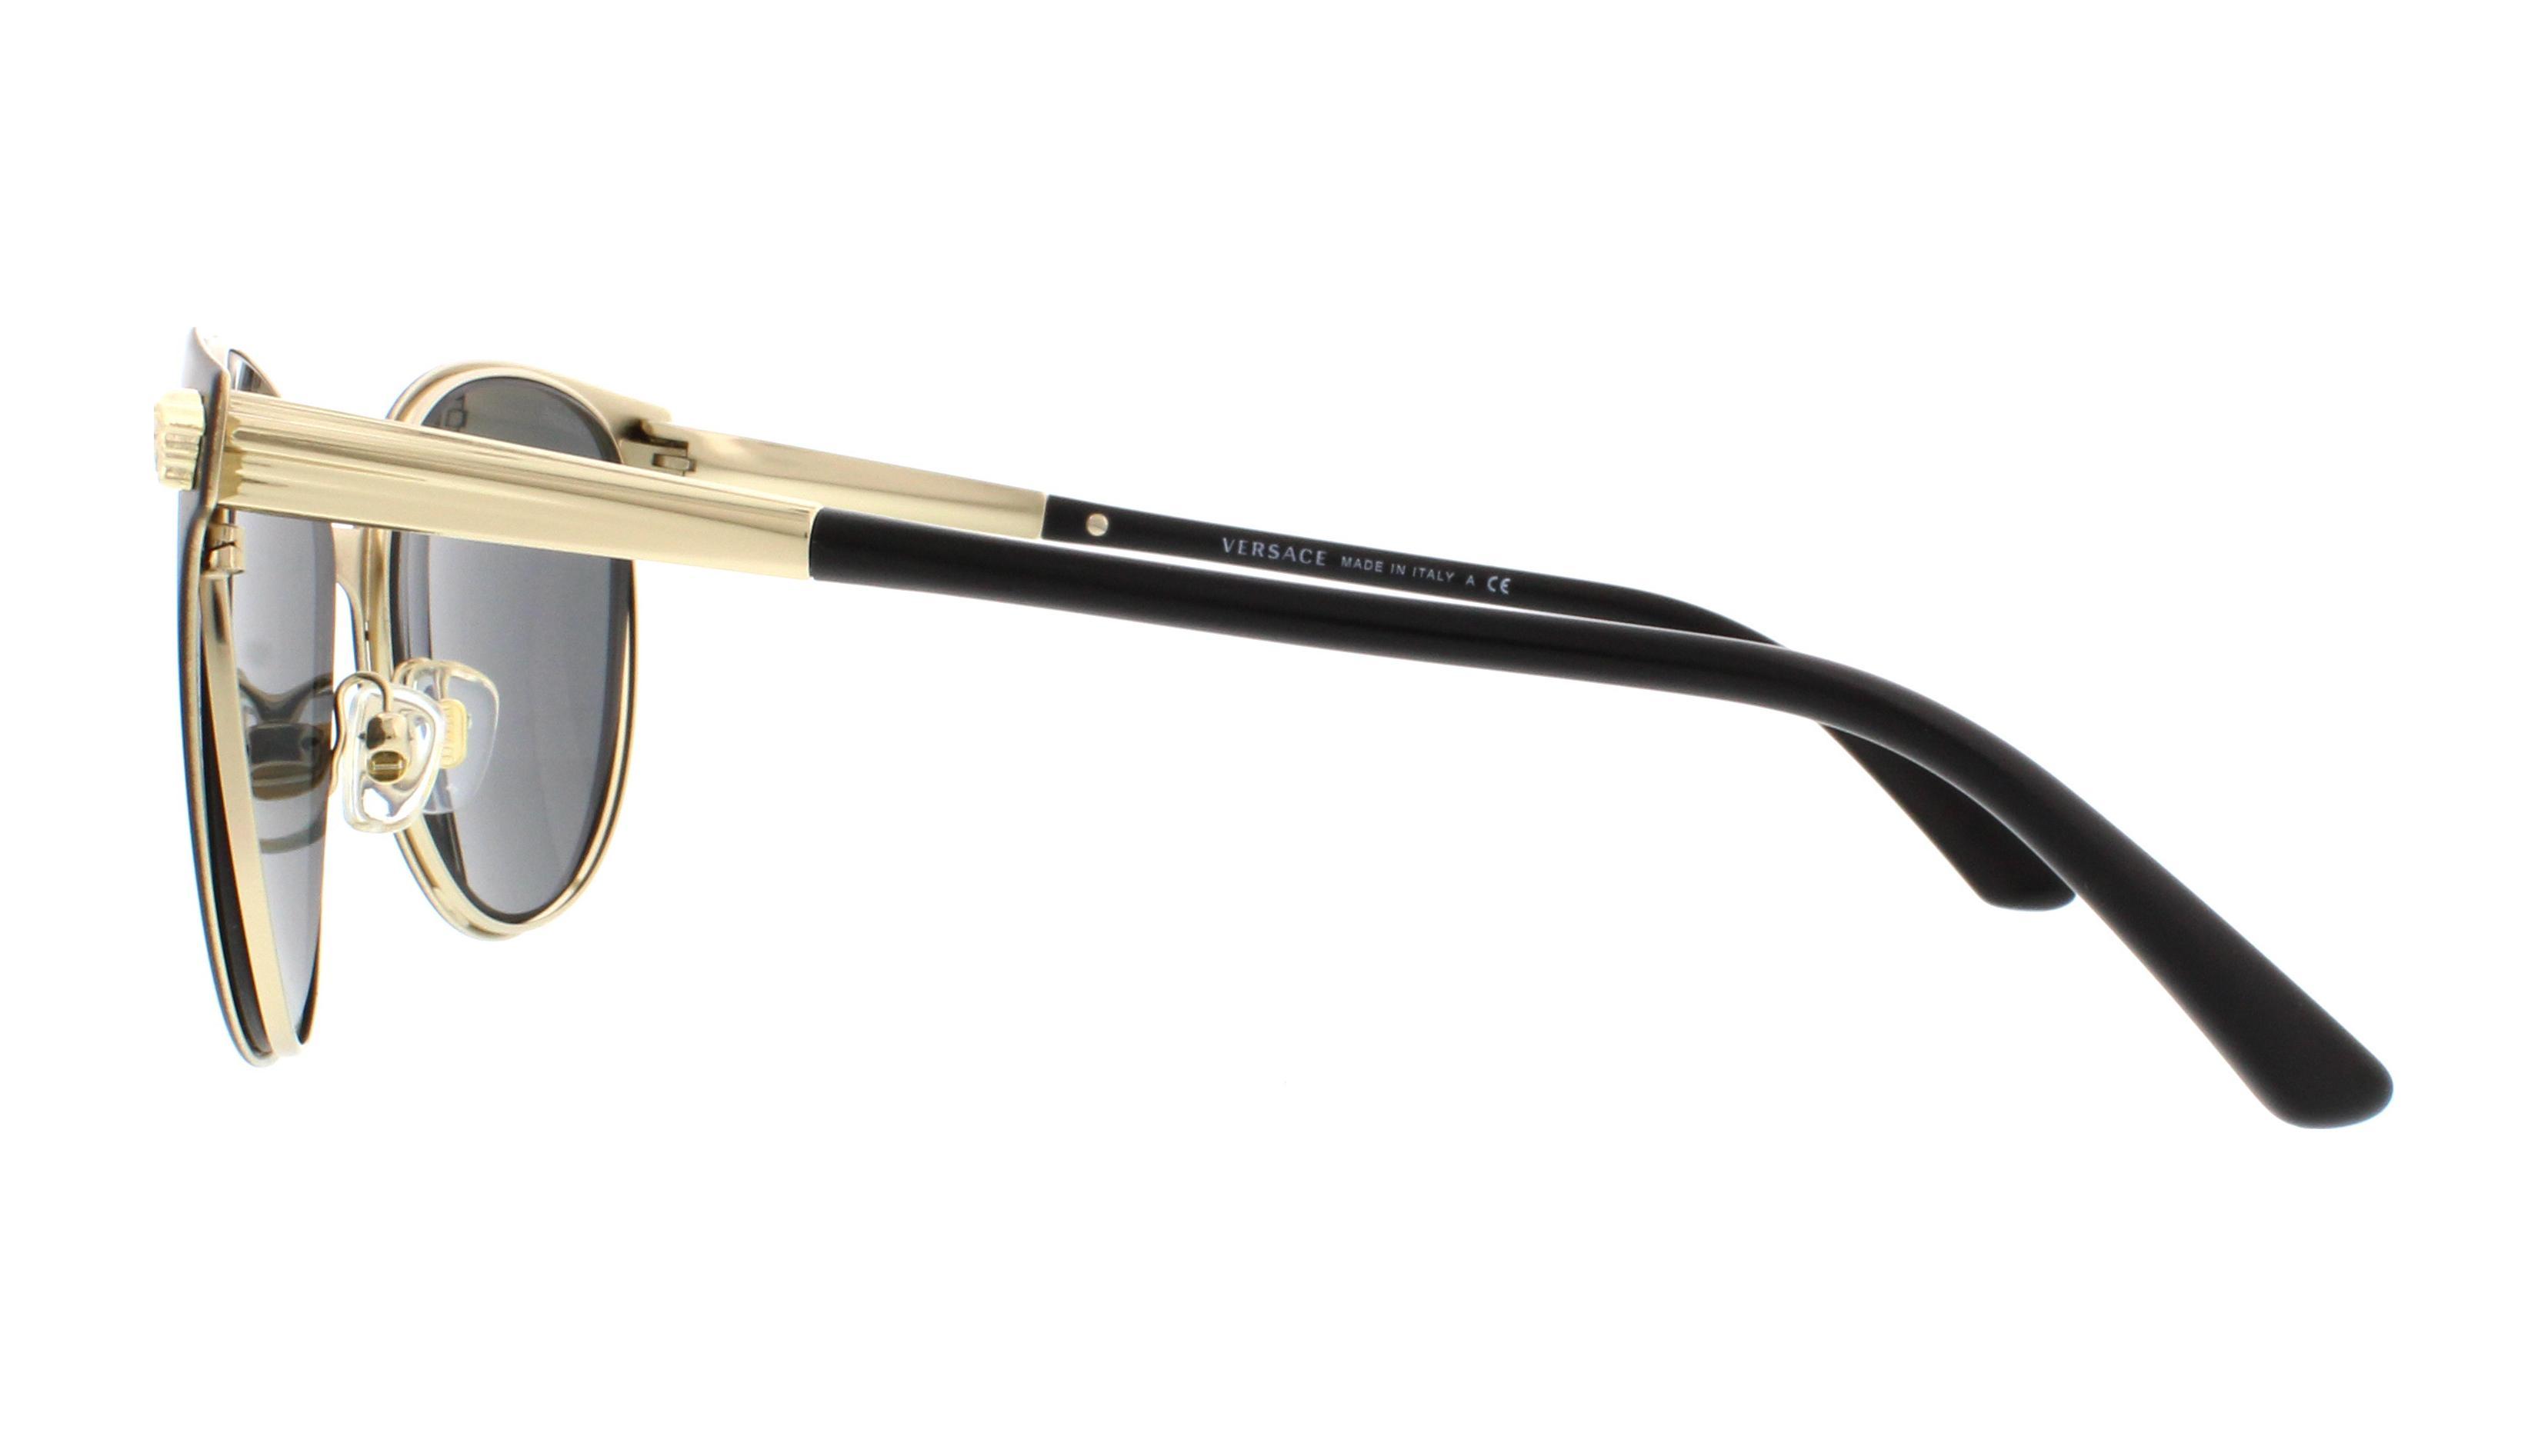 182b33b6d1 Designer Frames Outlet. Versace VE2168